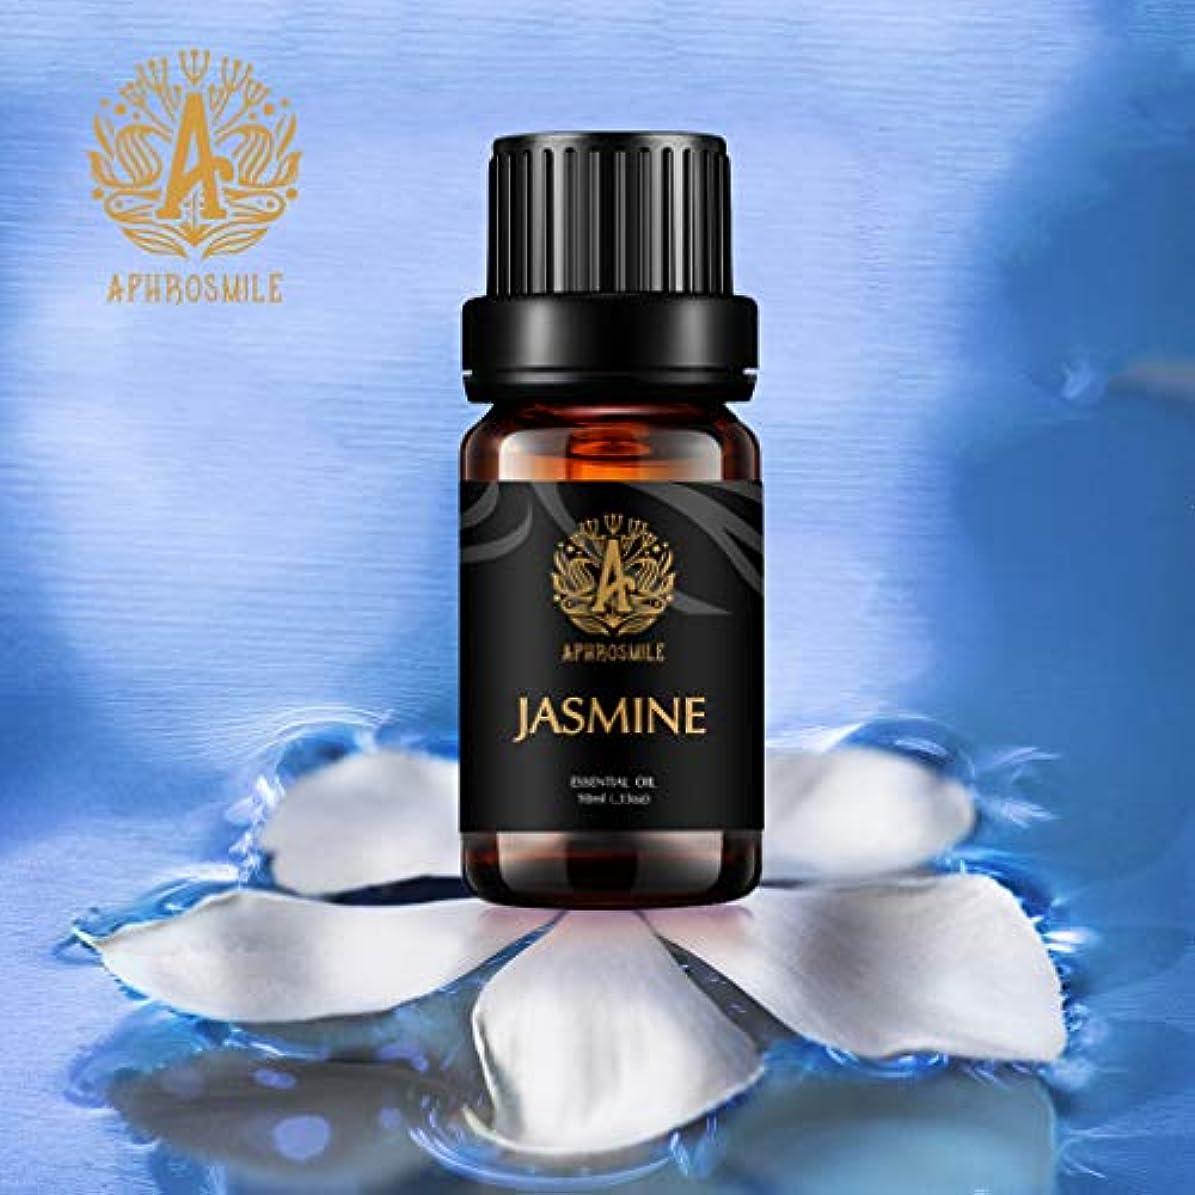 呼び起こす消毒剤注文ジャスミンエッセンシャルオイル、100%純粋なアロマセラピーエッセンシャルオイルジャスミンの香りと甘い花の香り、治療上の等級の精油のジャスミンの芳香為に拡散器、マッサージ、加湿器、毎日の心配、0.33オンス-10ml